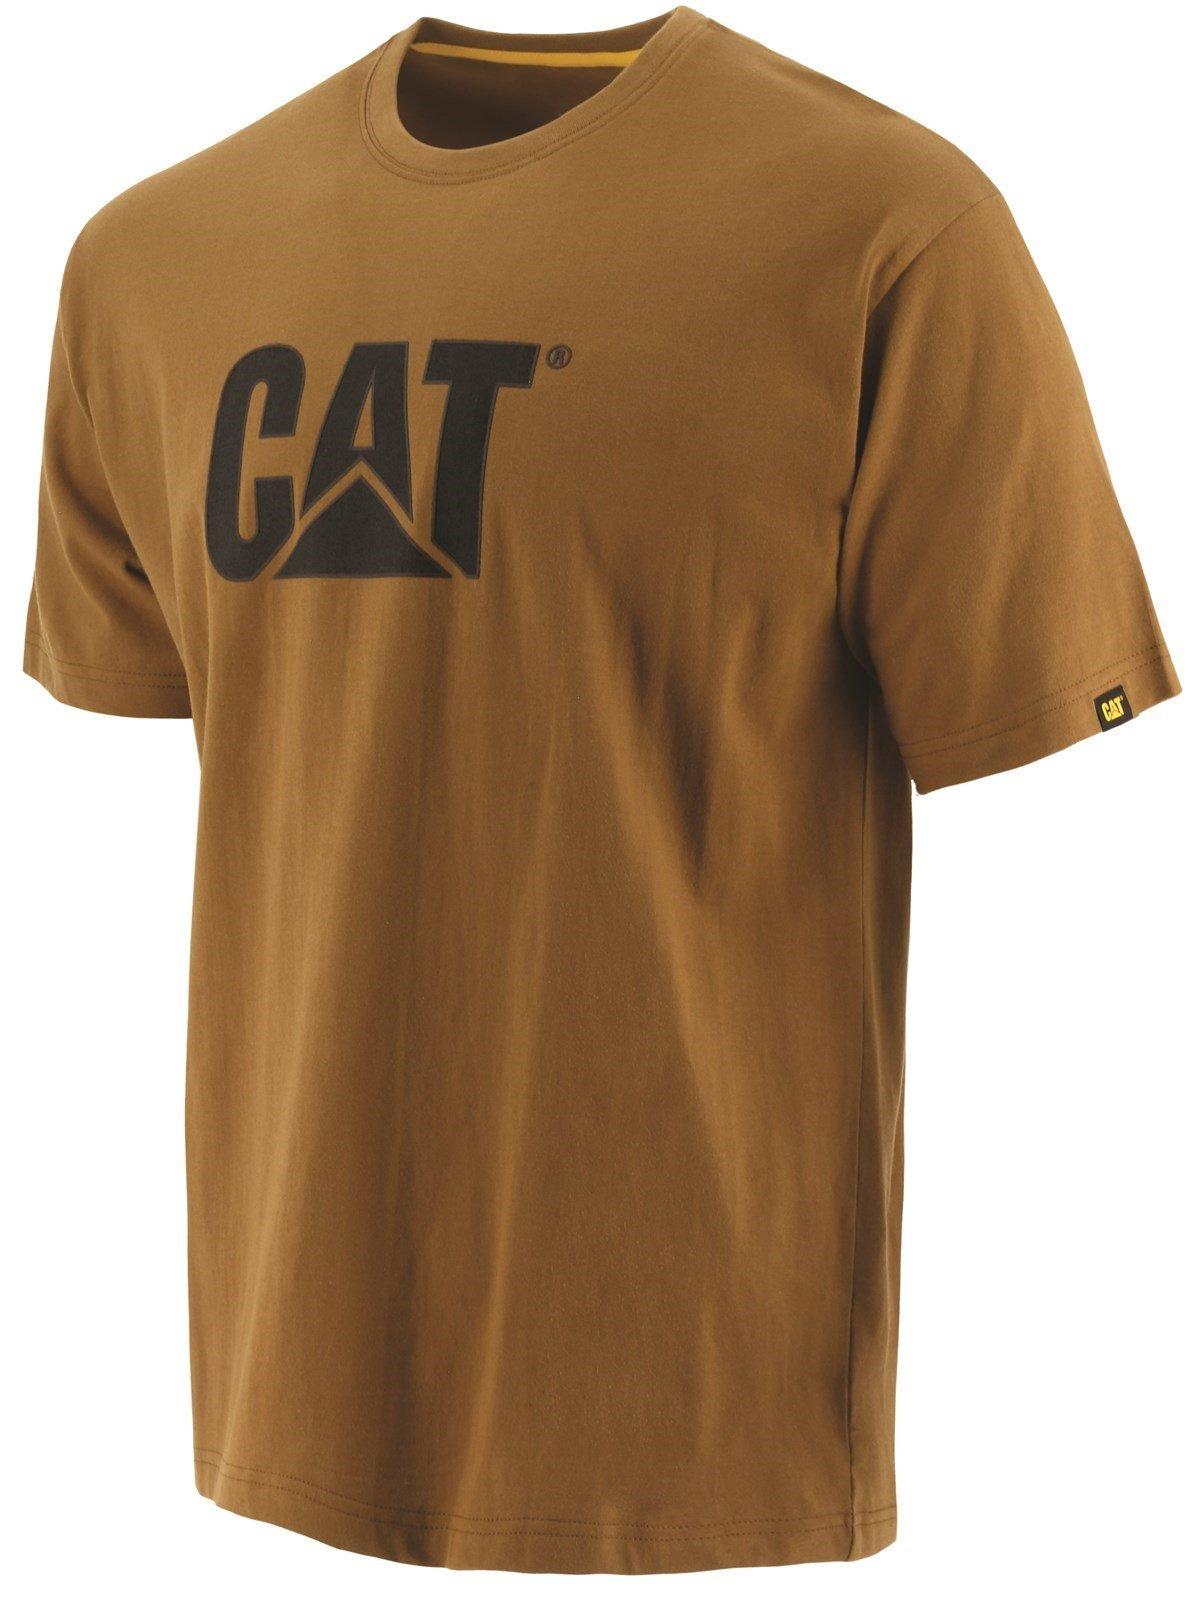 Caterpillar Unisex Trademark Logo T-Shirt Various Colours 25301 - Bronze XX